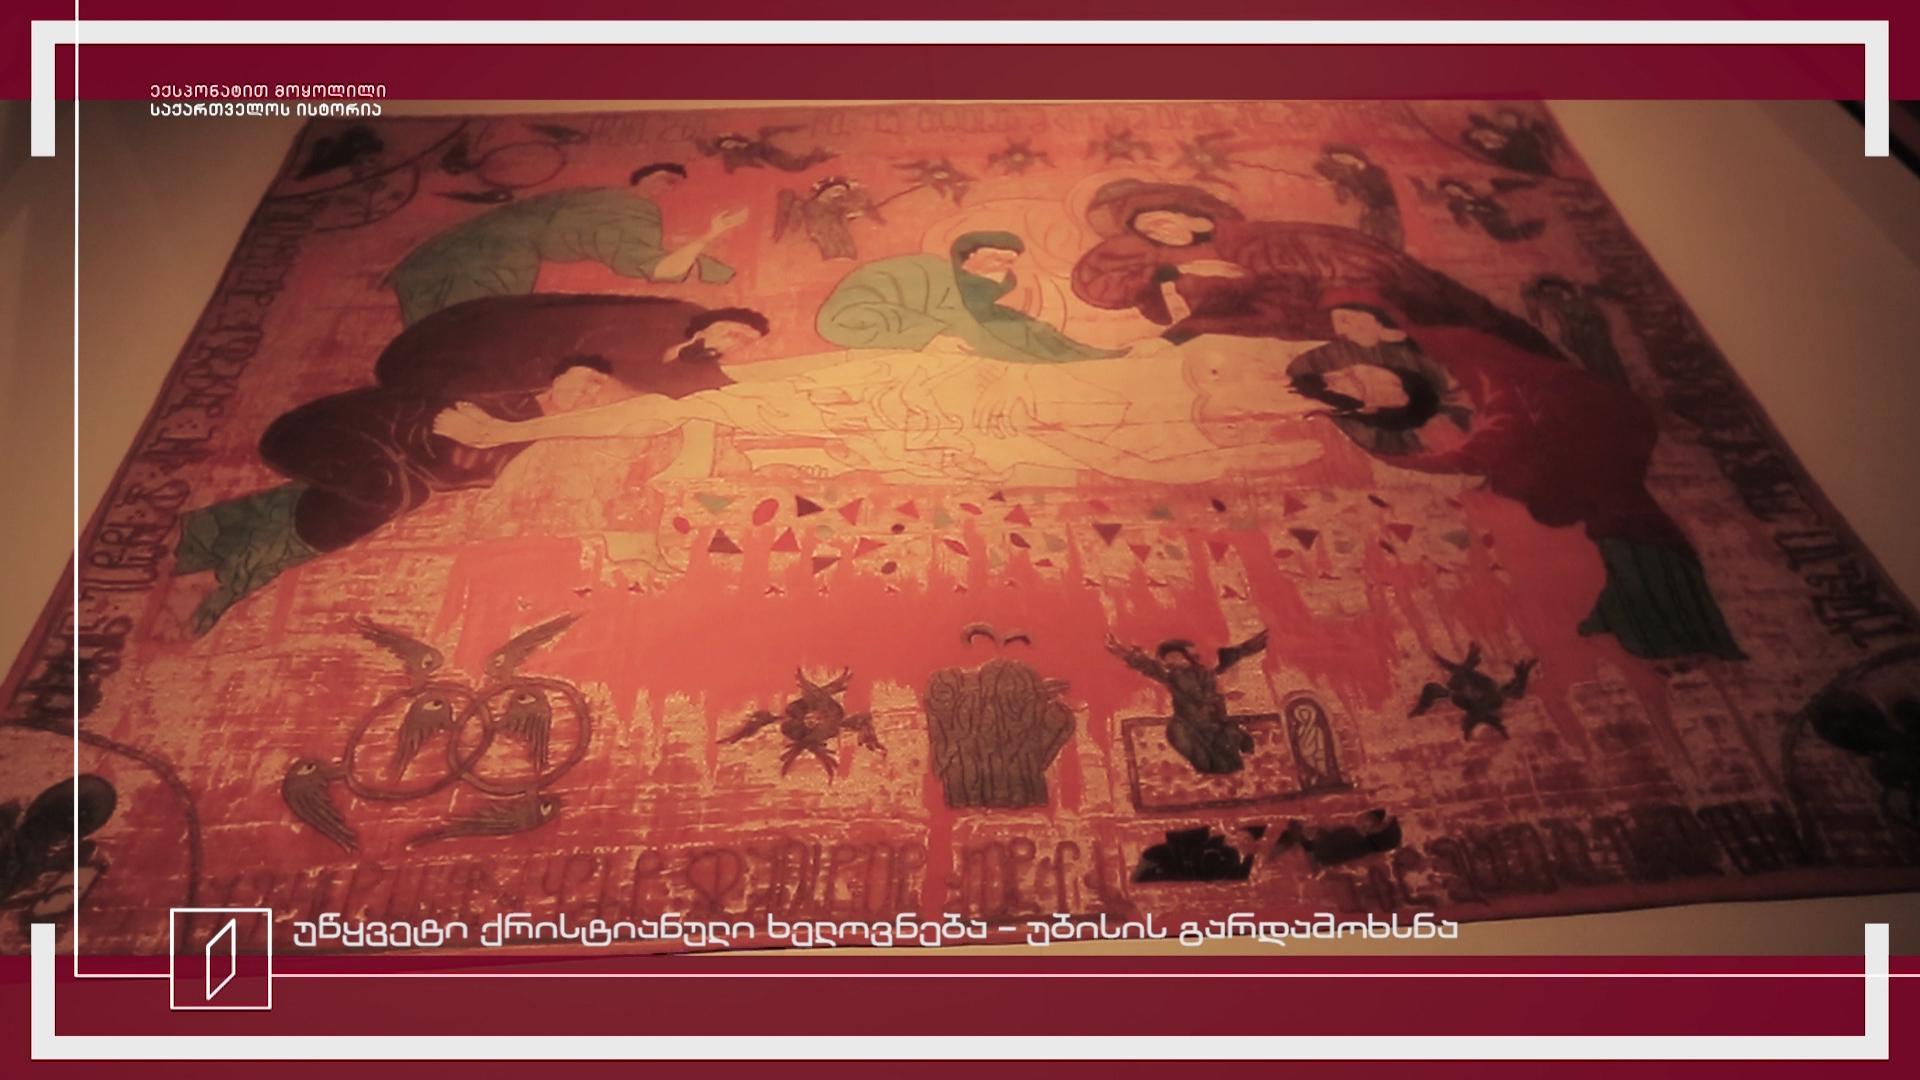 ექსპონატით მოყოლილი საქართველოს ისტორია -უწყვეტი ქრისტიანული ხელოვნება